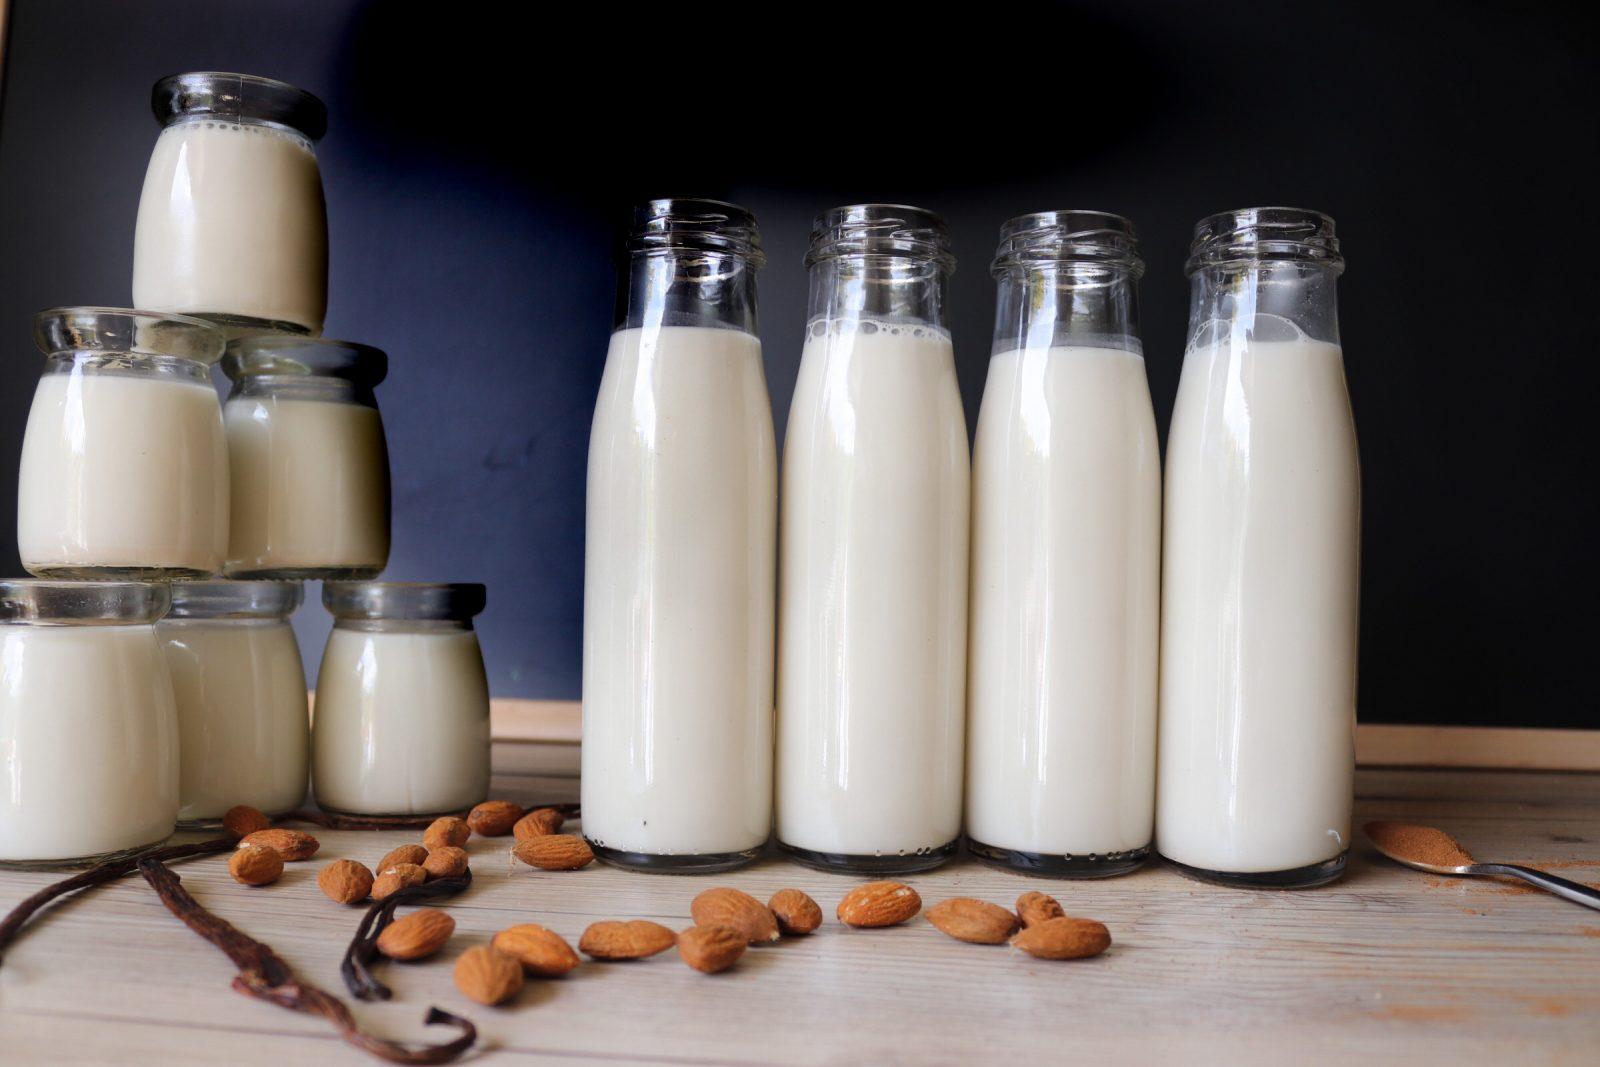 Homemade Almond Milk in Glass Bottles